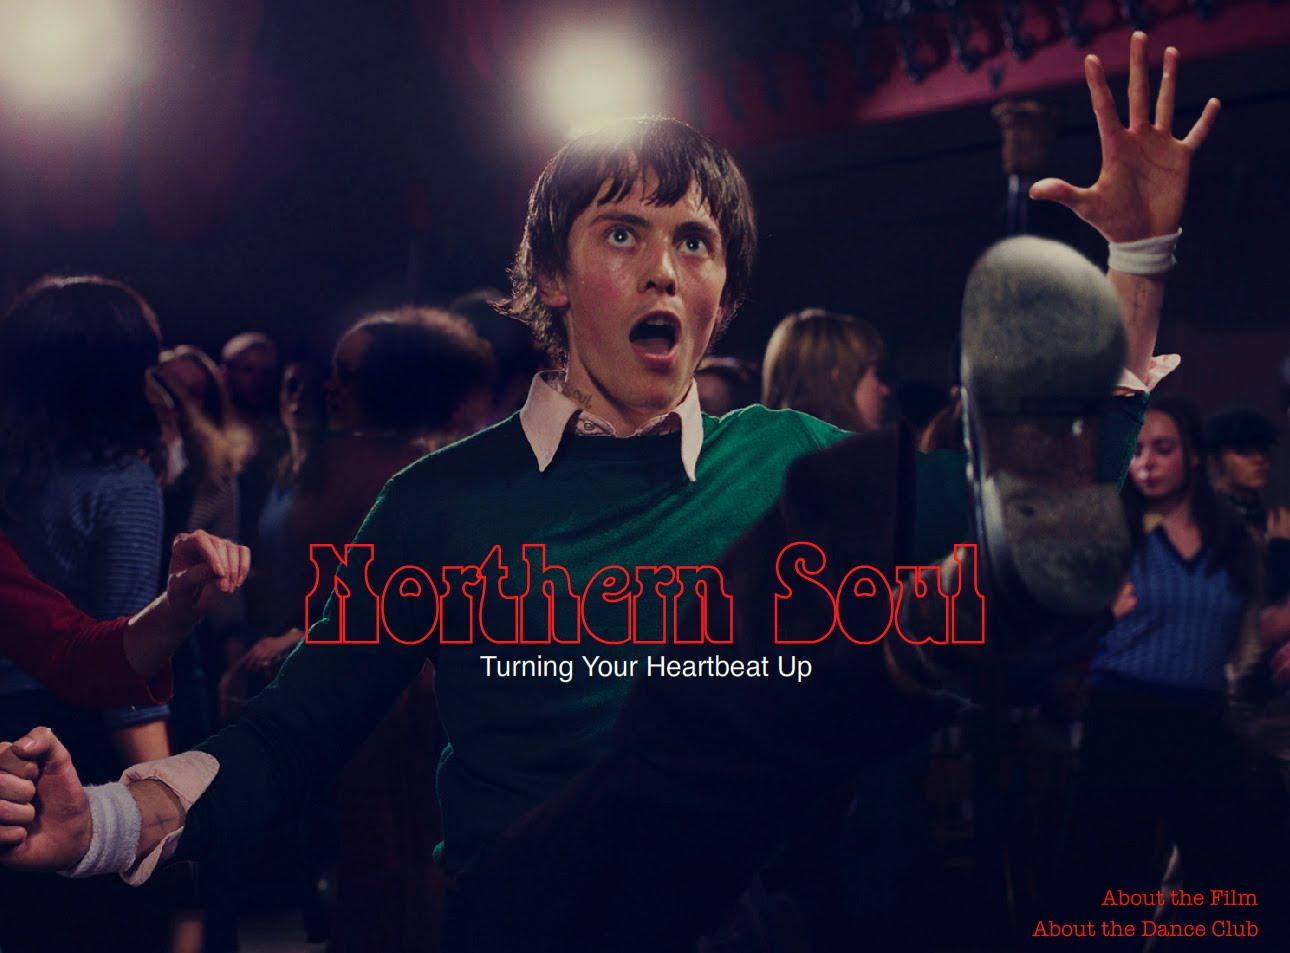 Northern-Soul-The-Film-1-1mmej3j